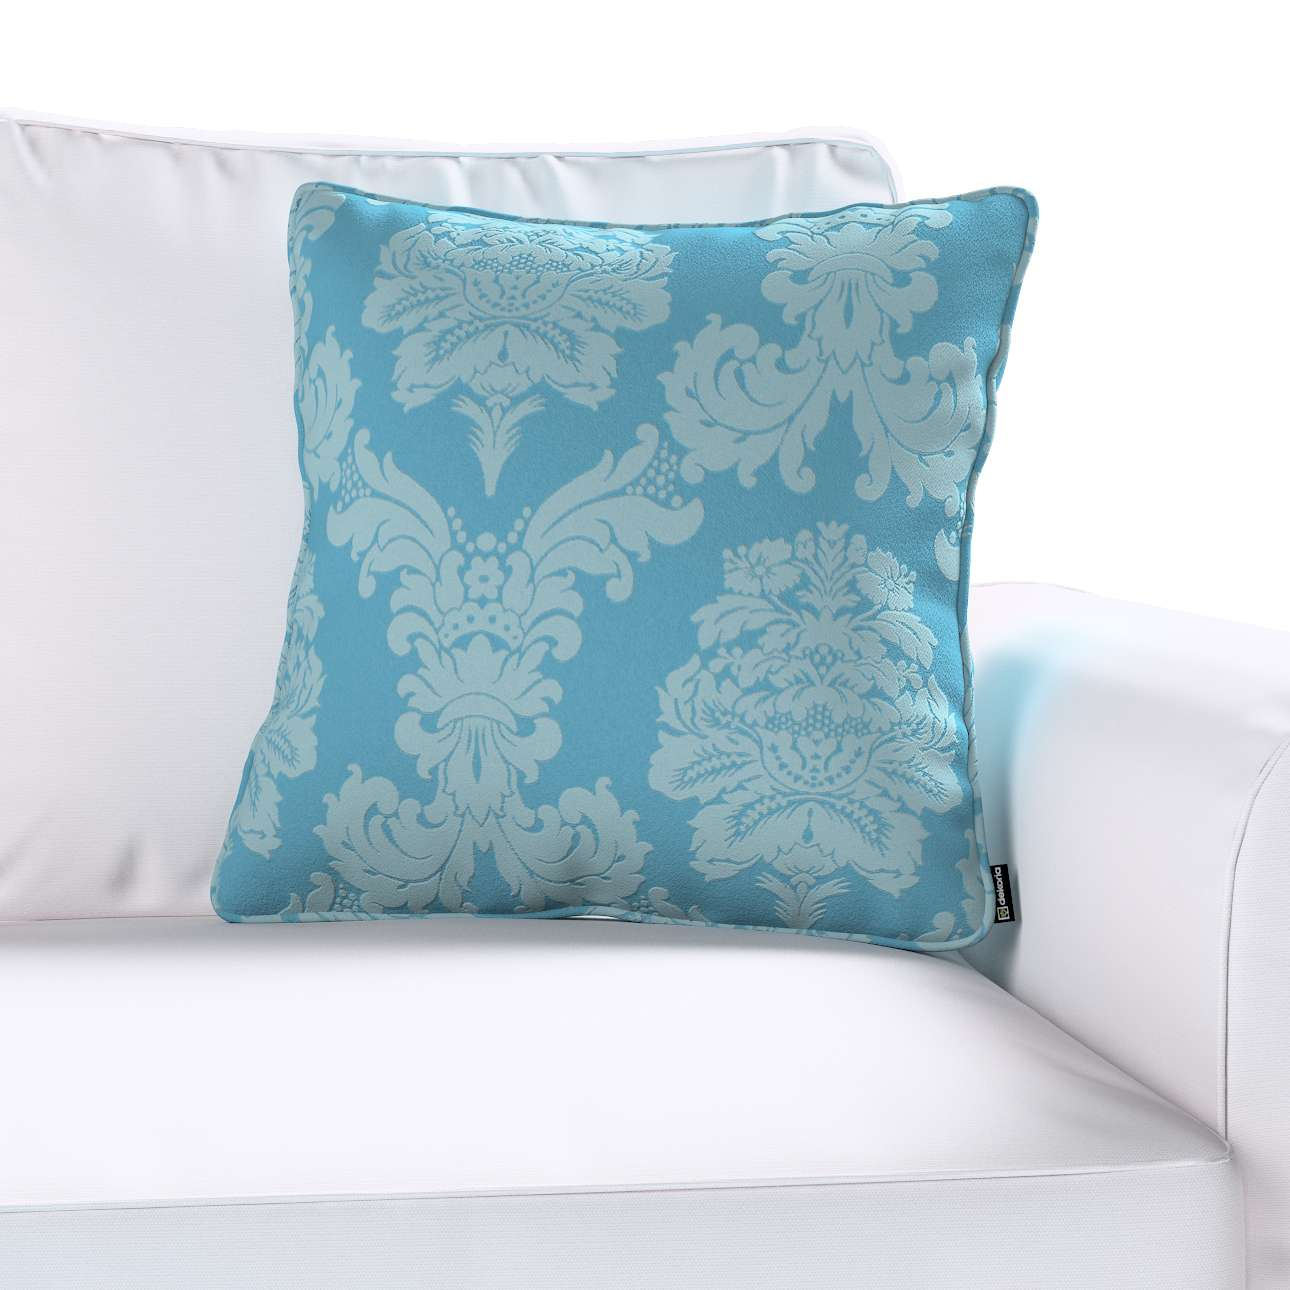 Poszewka Gabi na poduszkę w kolekcji Damasco, tkanina: 613-67